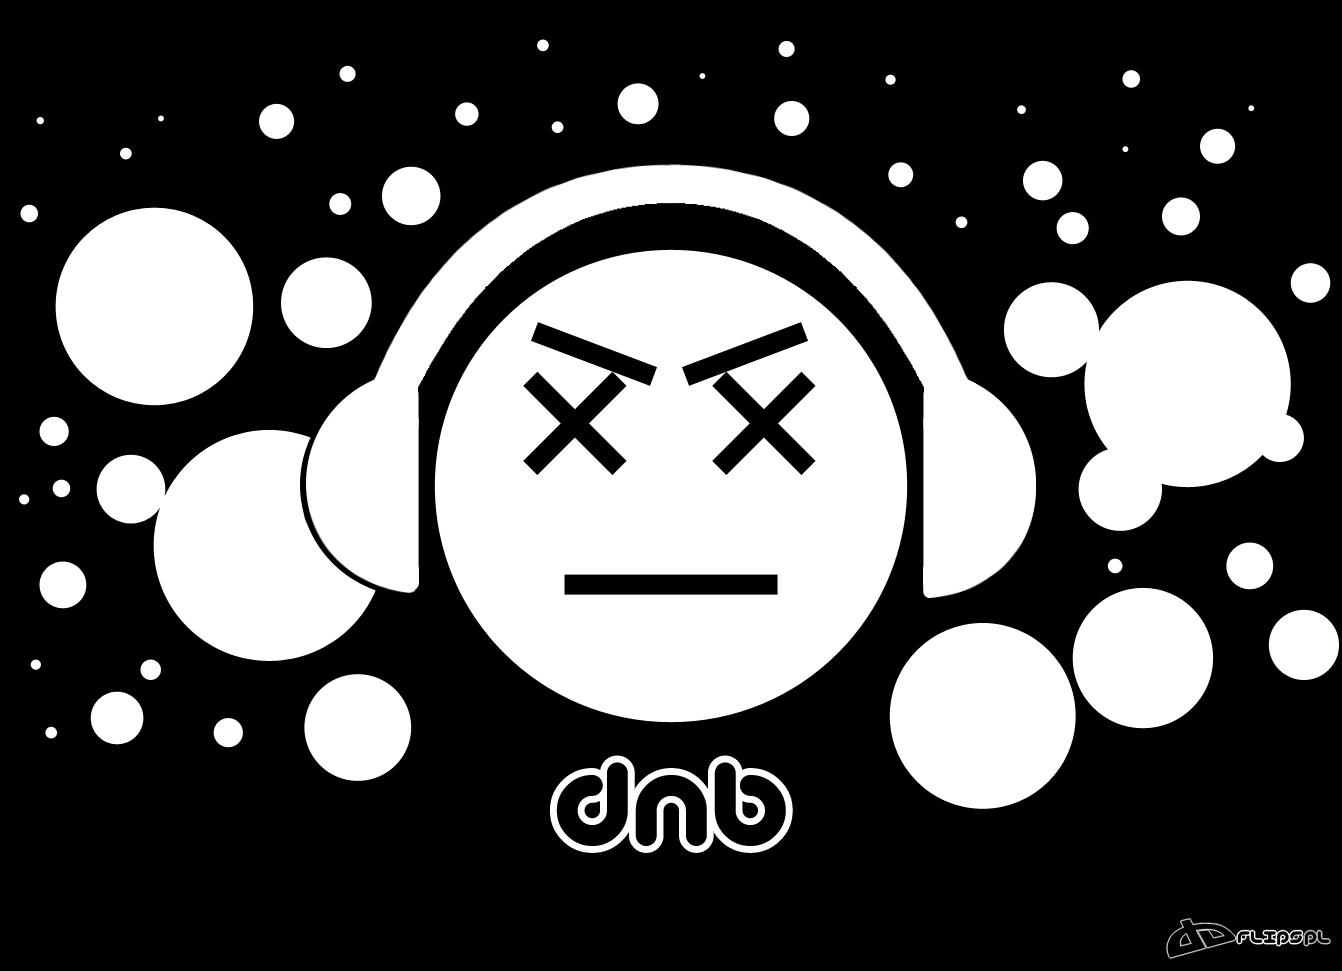 dnb v2 by FlipsPL